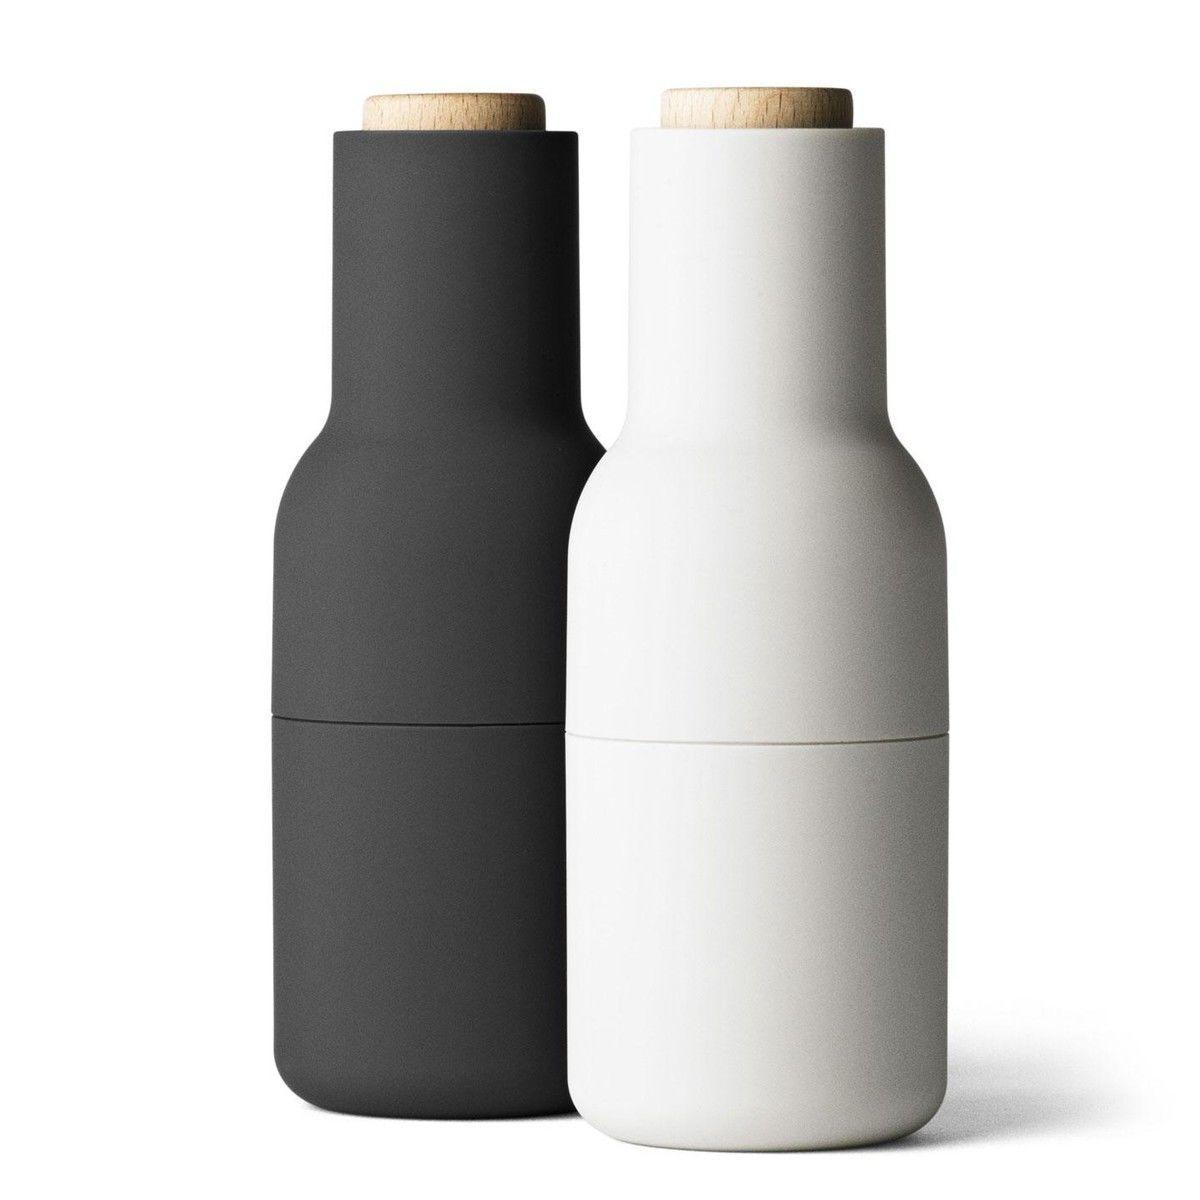 bottle grinder salzm hle pfefferm hle menu. Black Bedroom Furniture Sets. Home Design Ideas